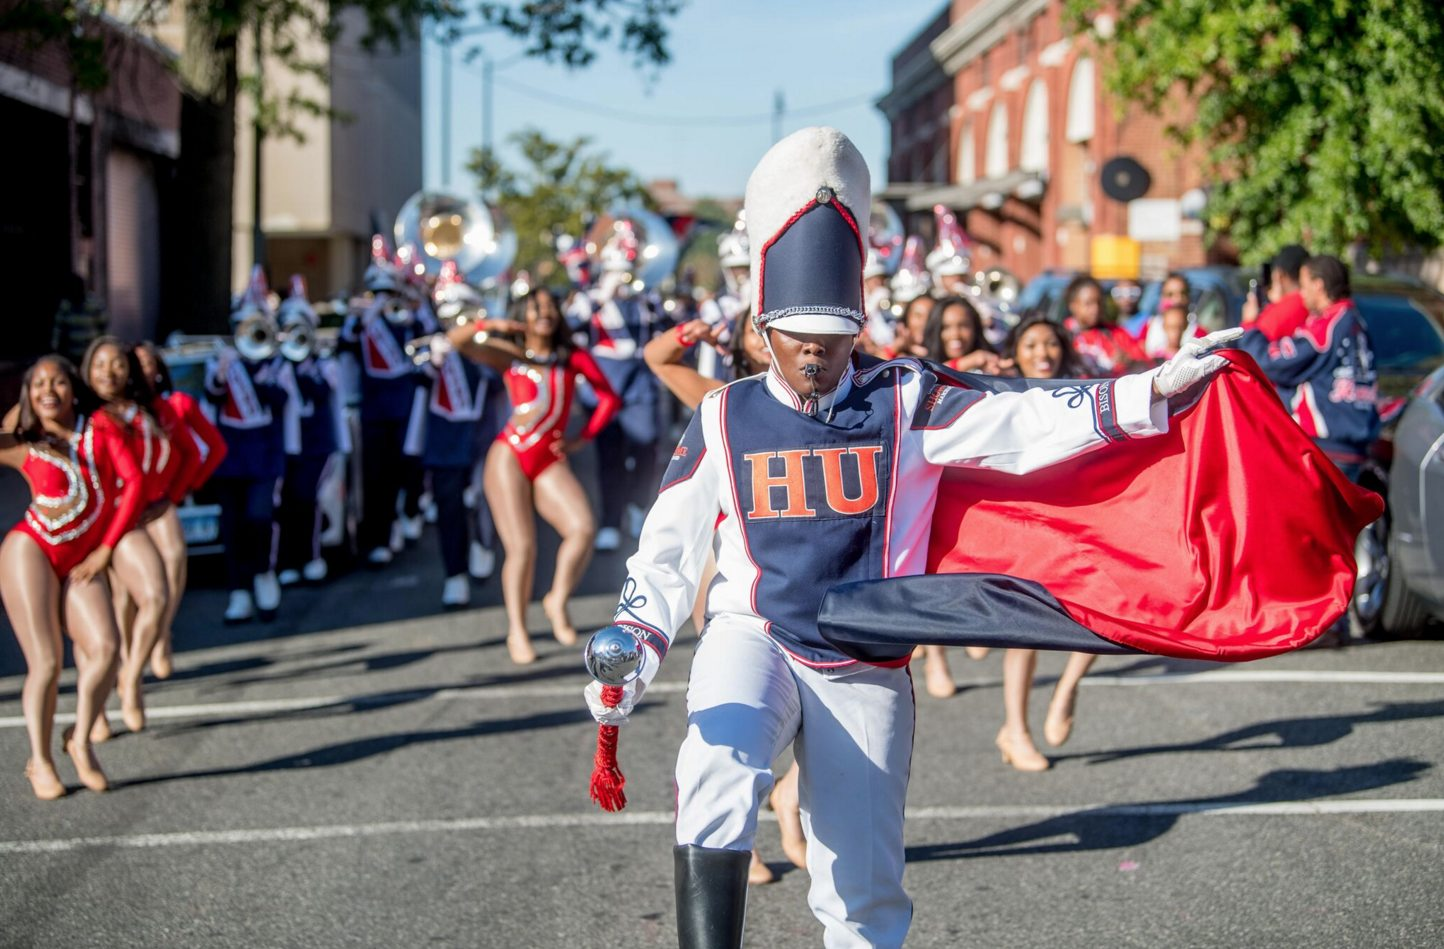 FORWARD to Howard University's 2019 Homecoming